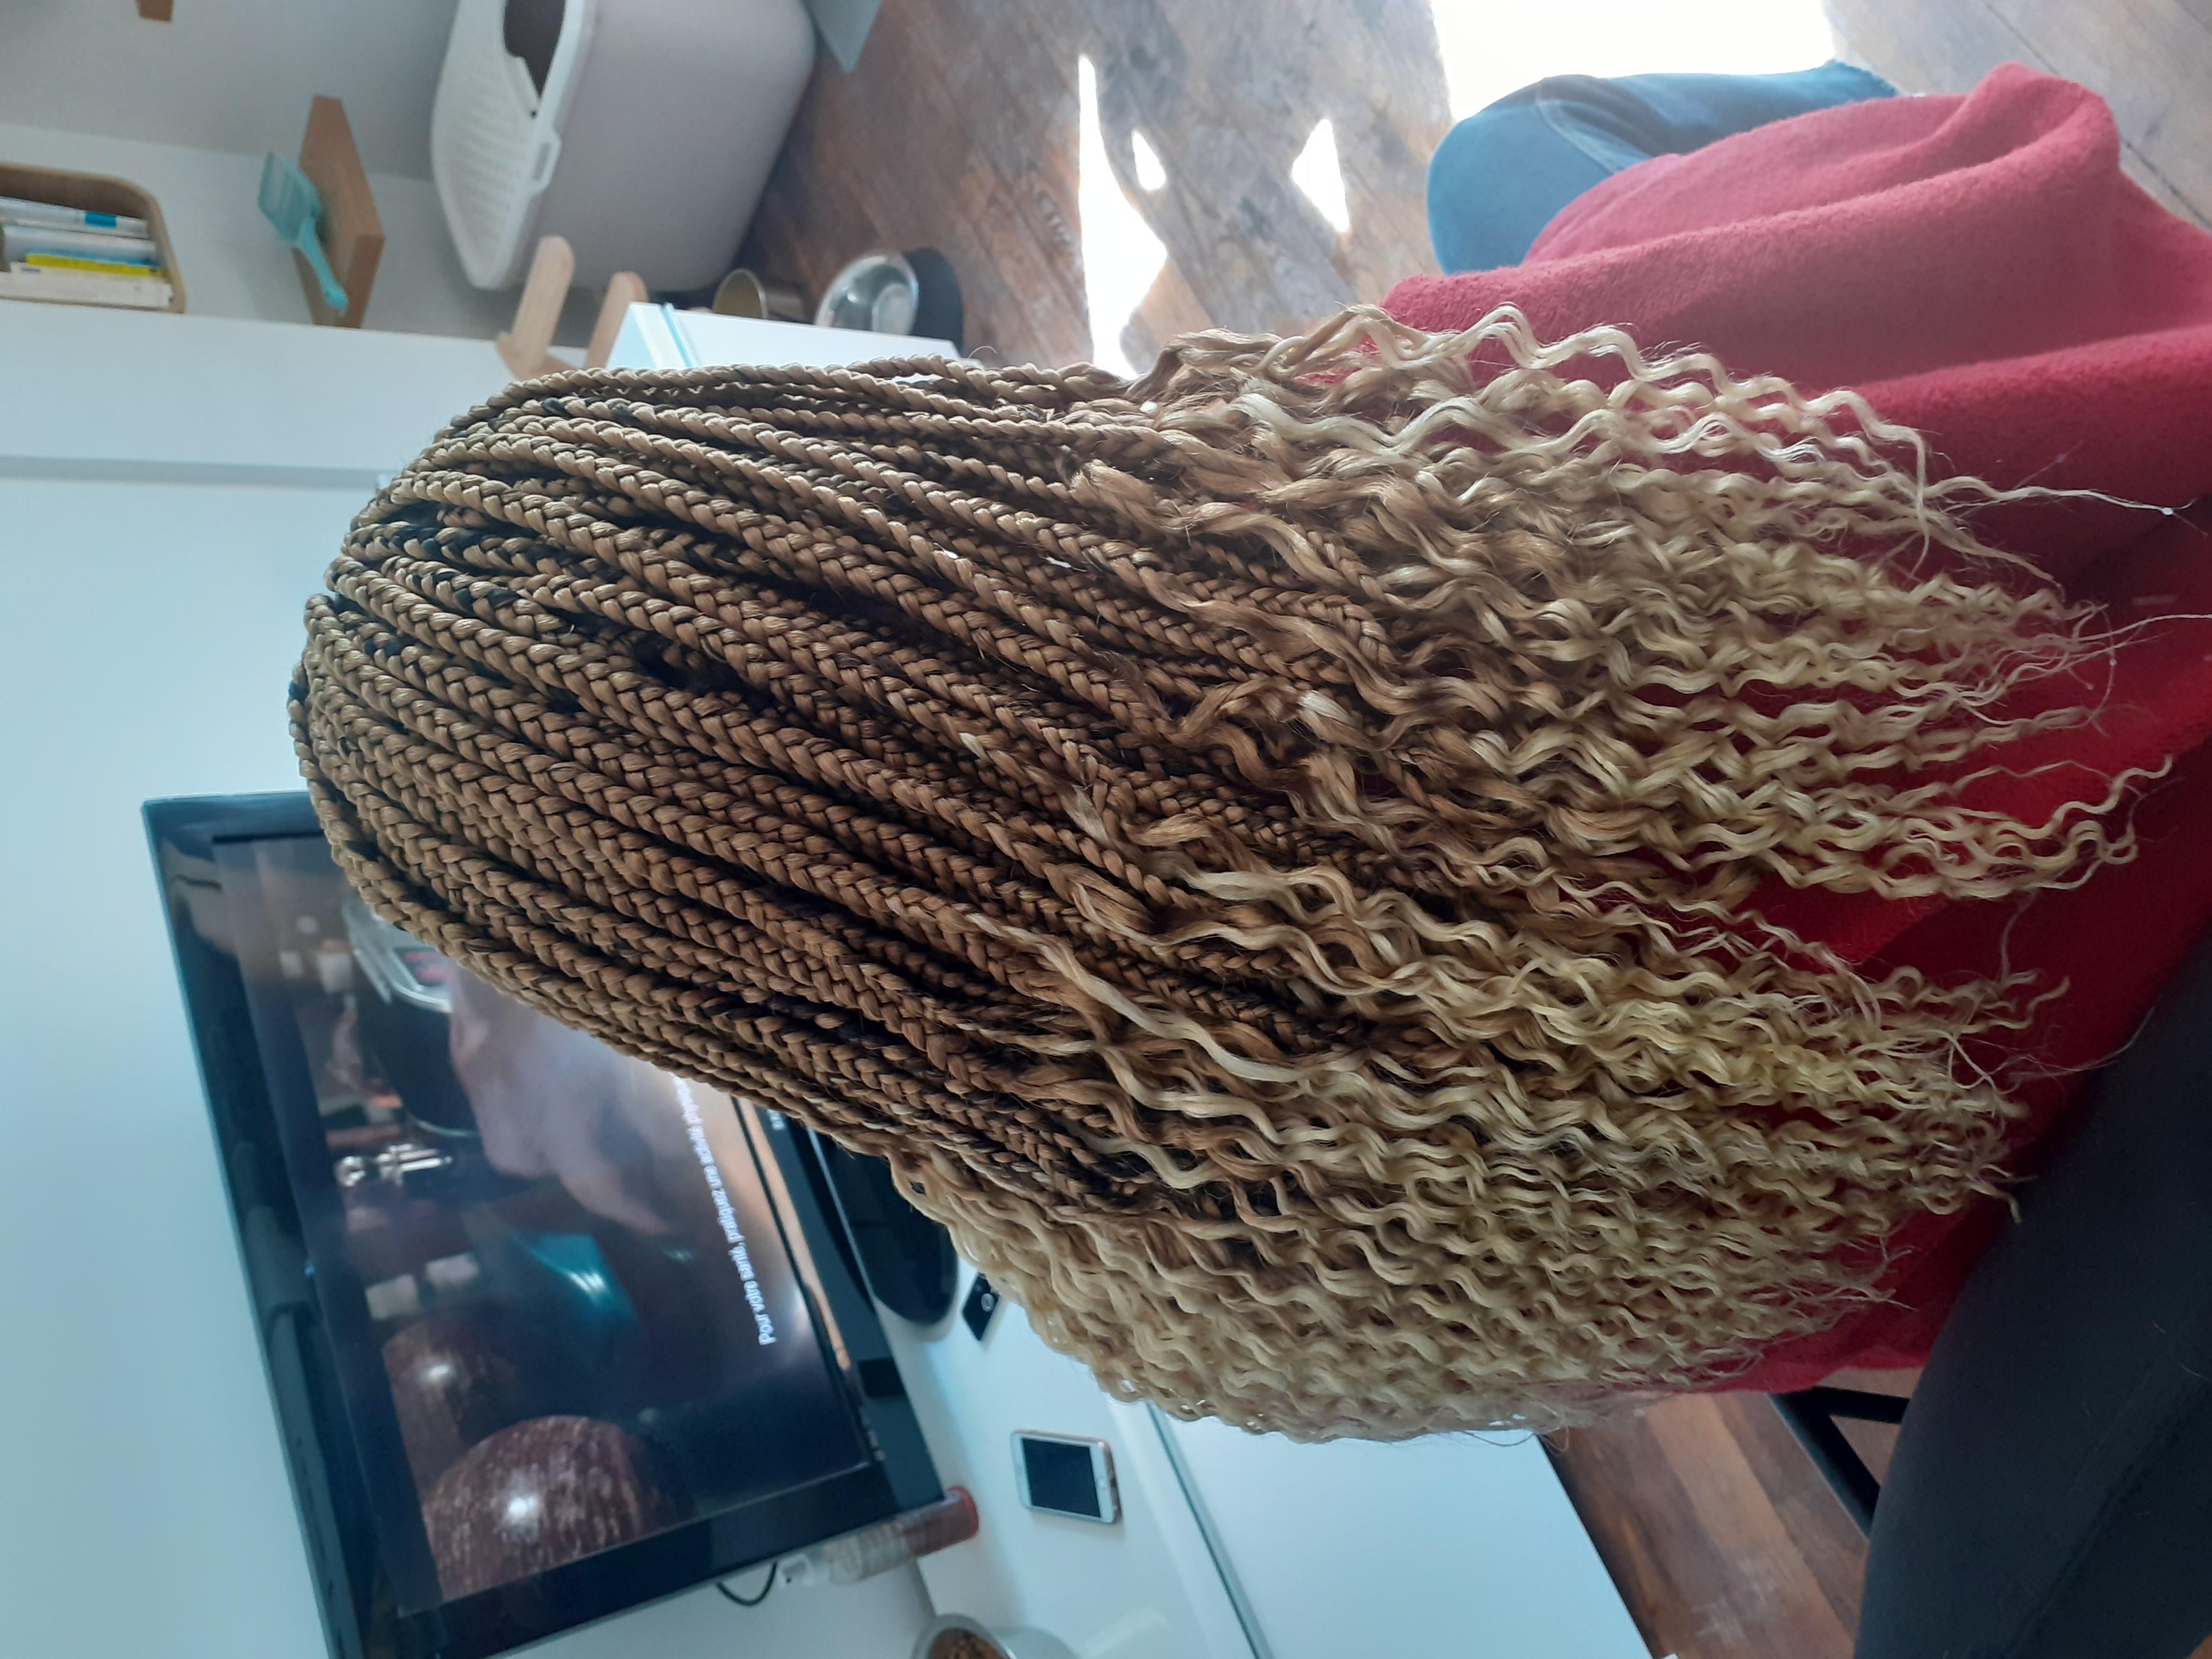 salon de coiffure afro tresse tresses box braids crochet braids vanilles tissages paris 75 77 78 91 92 93 94 95 ASZWKSZZ